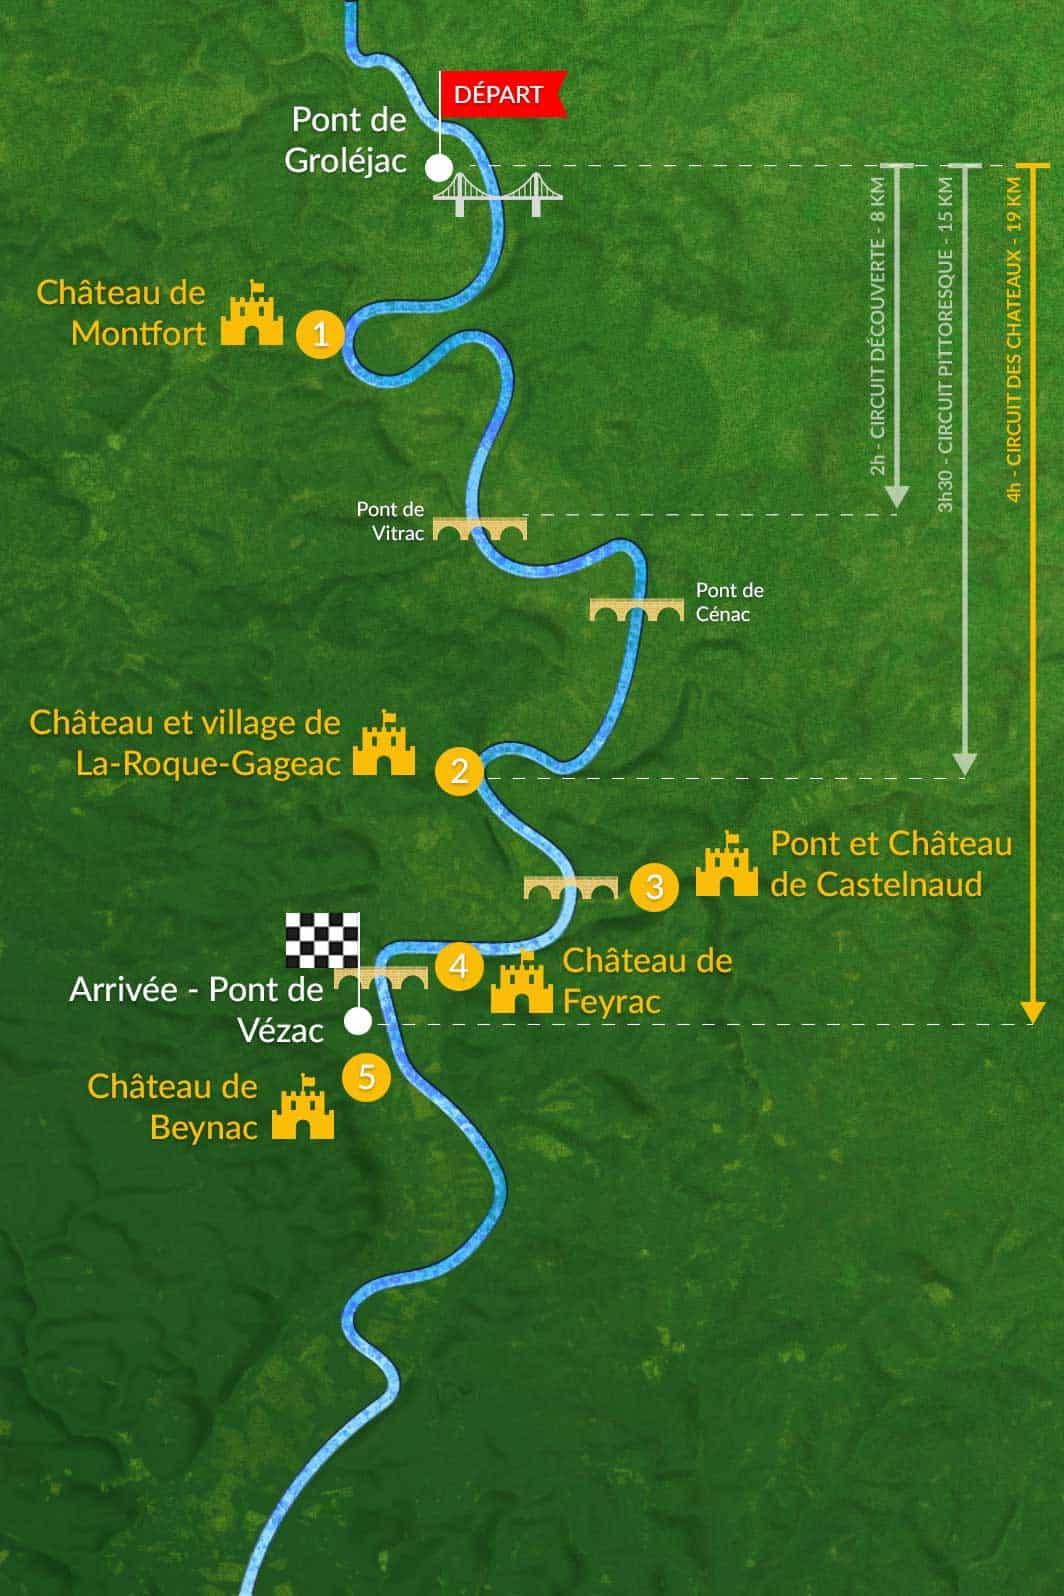 parcours et circuit canoe dordogne